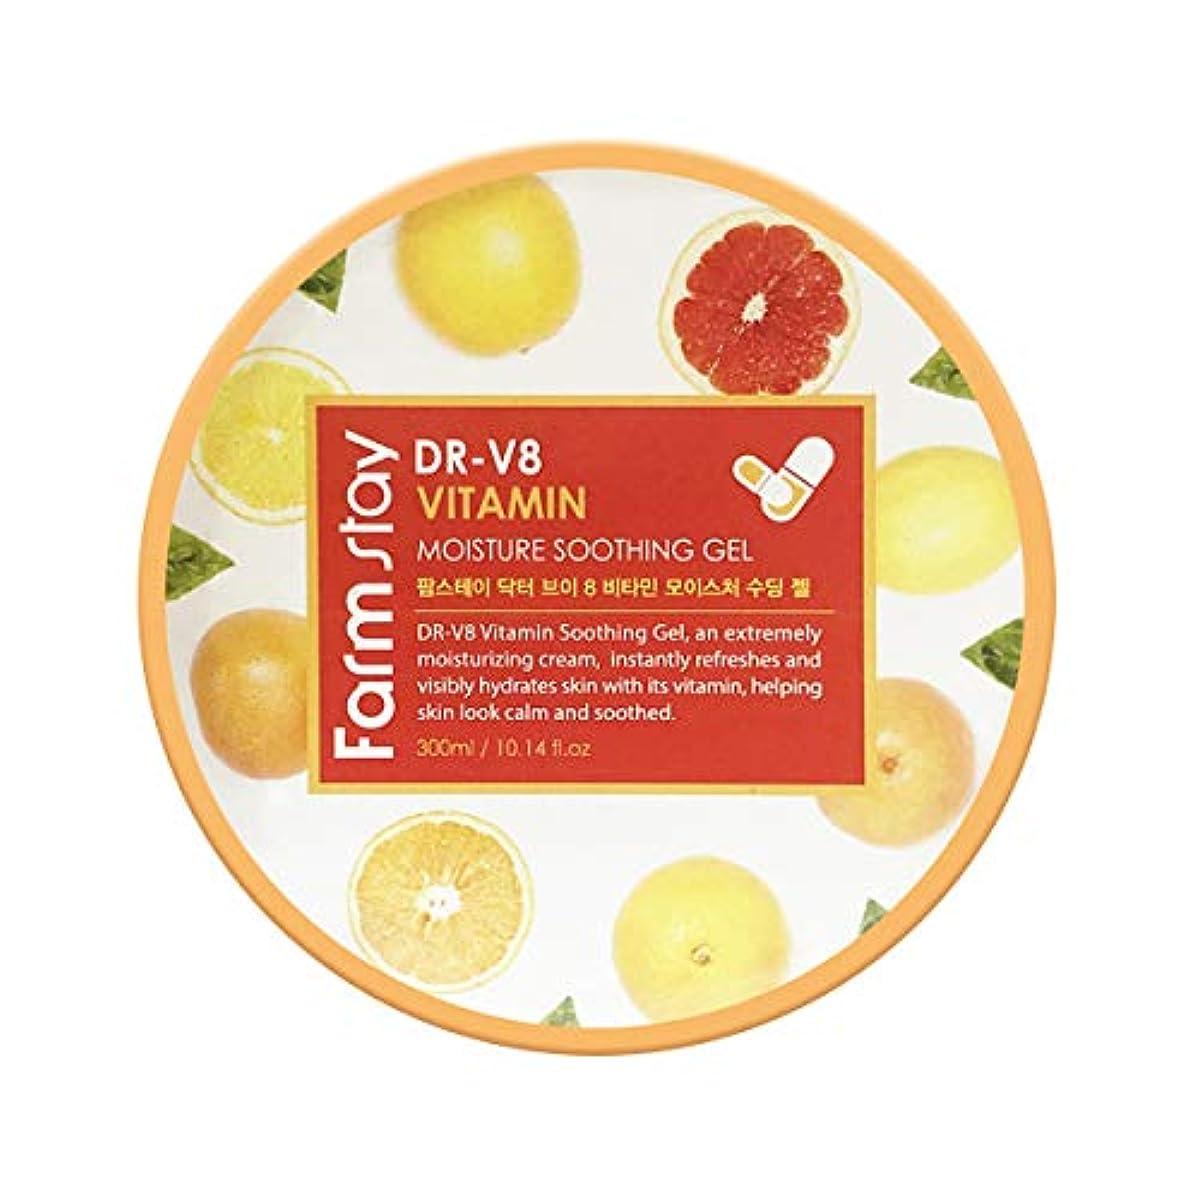 スチュワードファブリック市民権[Farmstay] ファームステイ DR-V8 Vitamin ビタミン Moisture Soothing Gel スディンジェル300ml